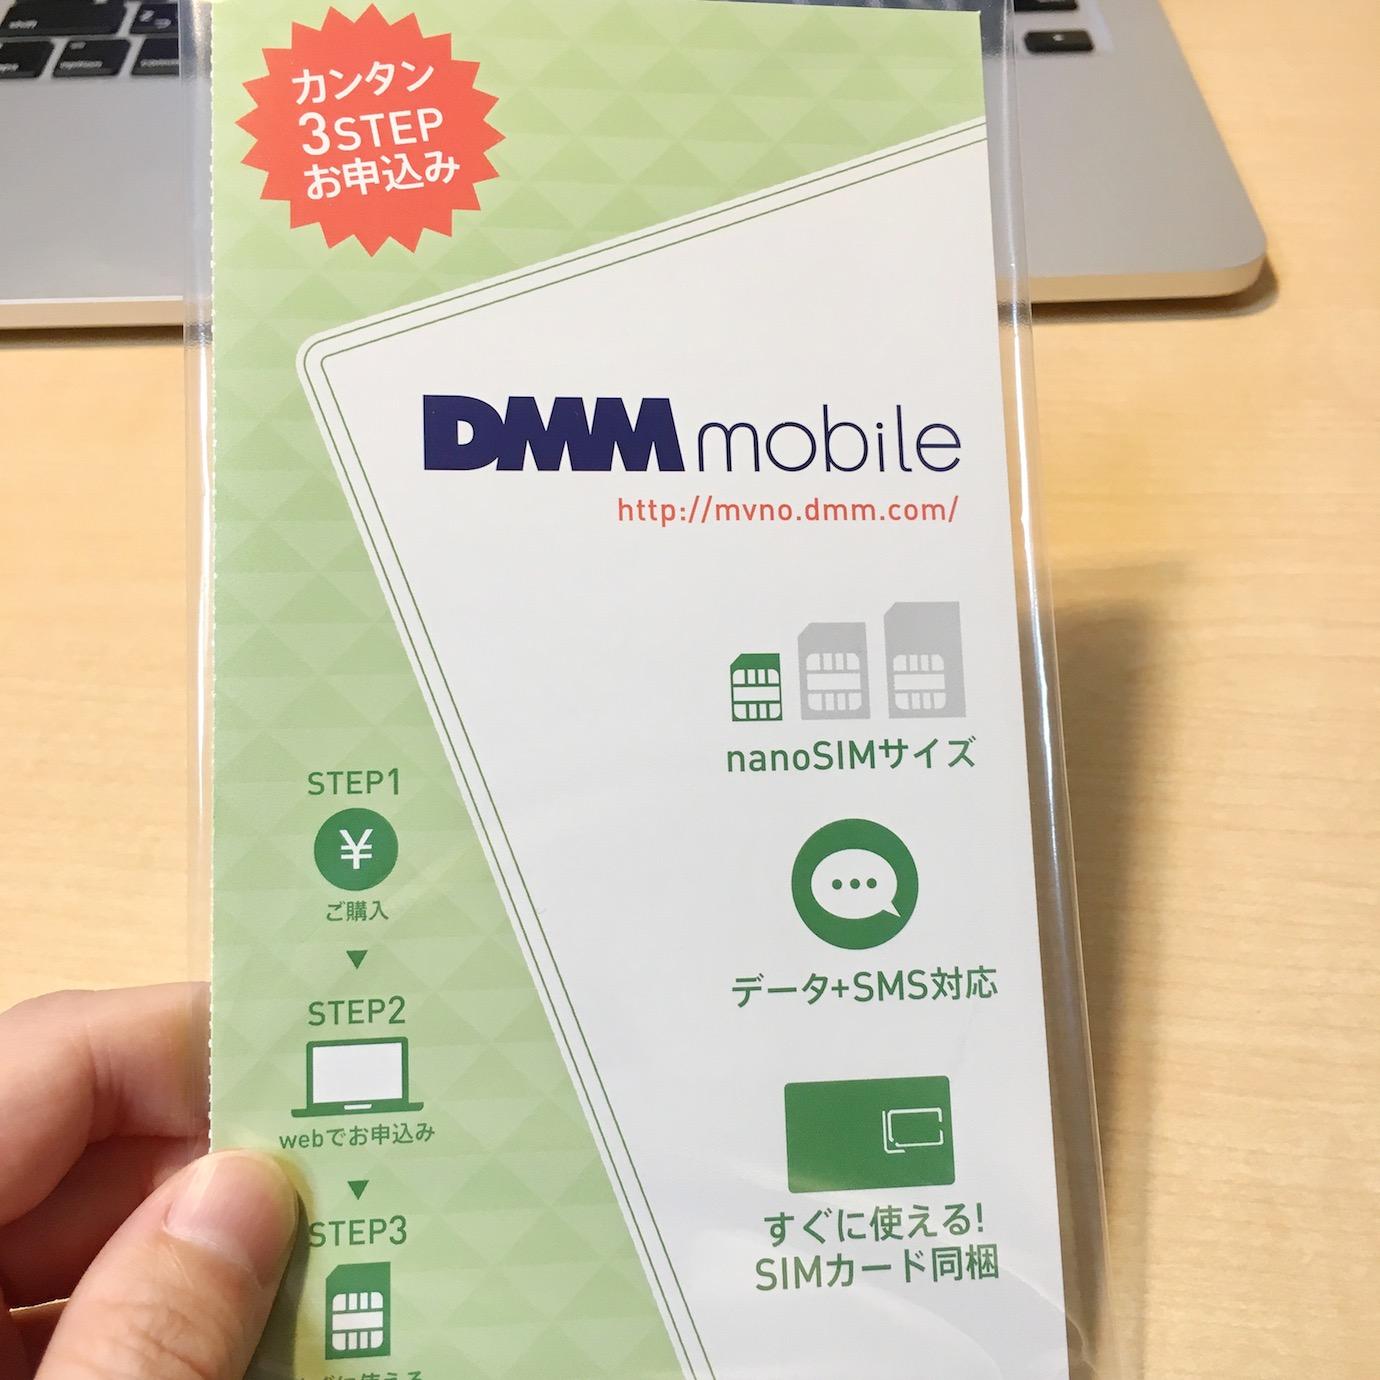 iPhone7/SE/6sのDMMmobile動作確認・設定まとめ iOS10.2確認済み